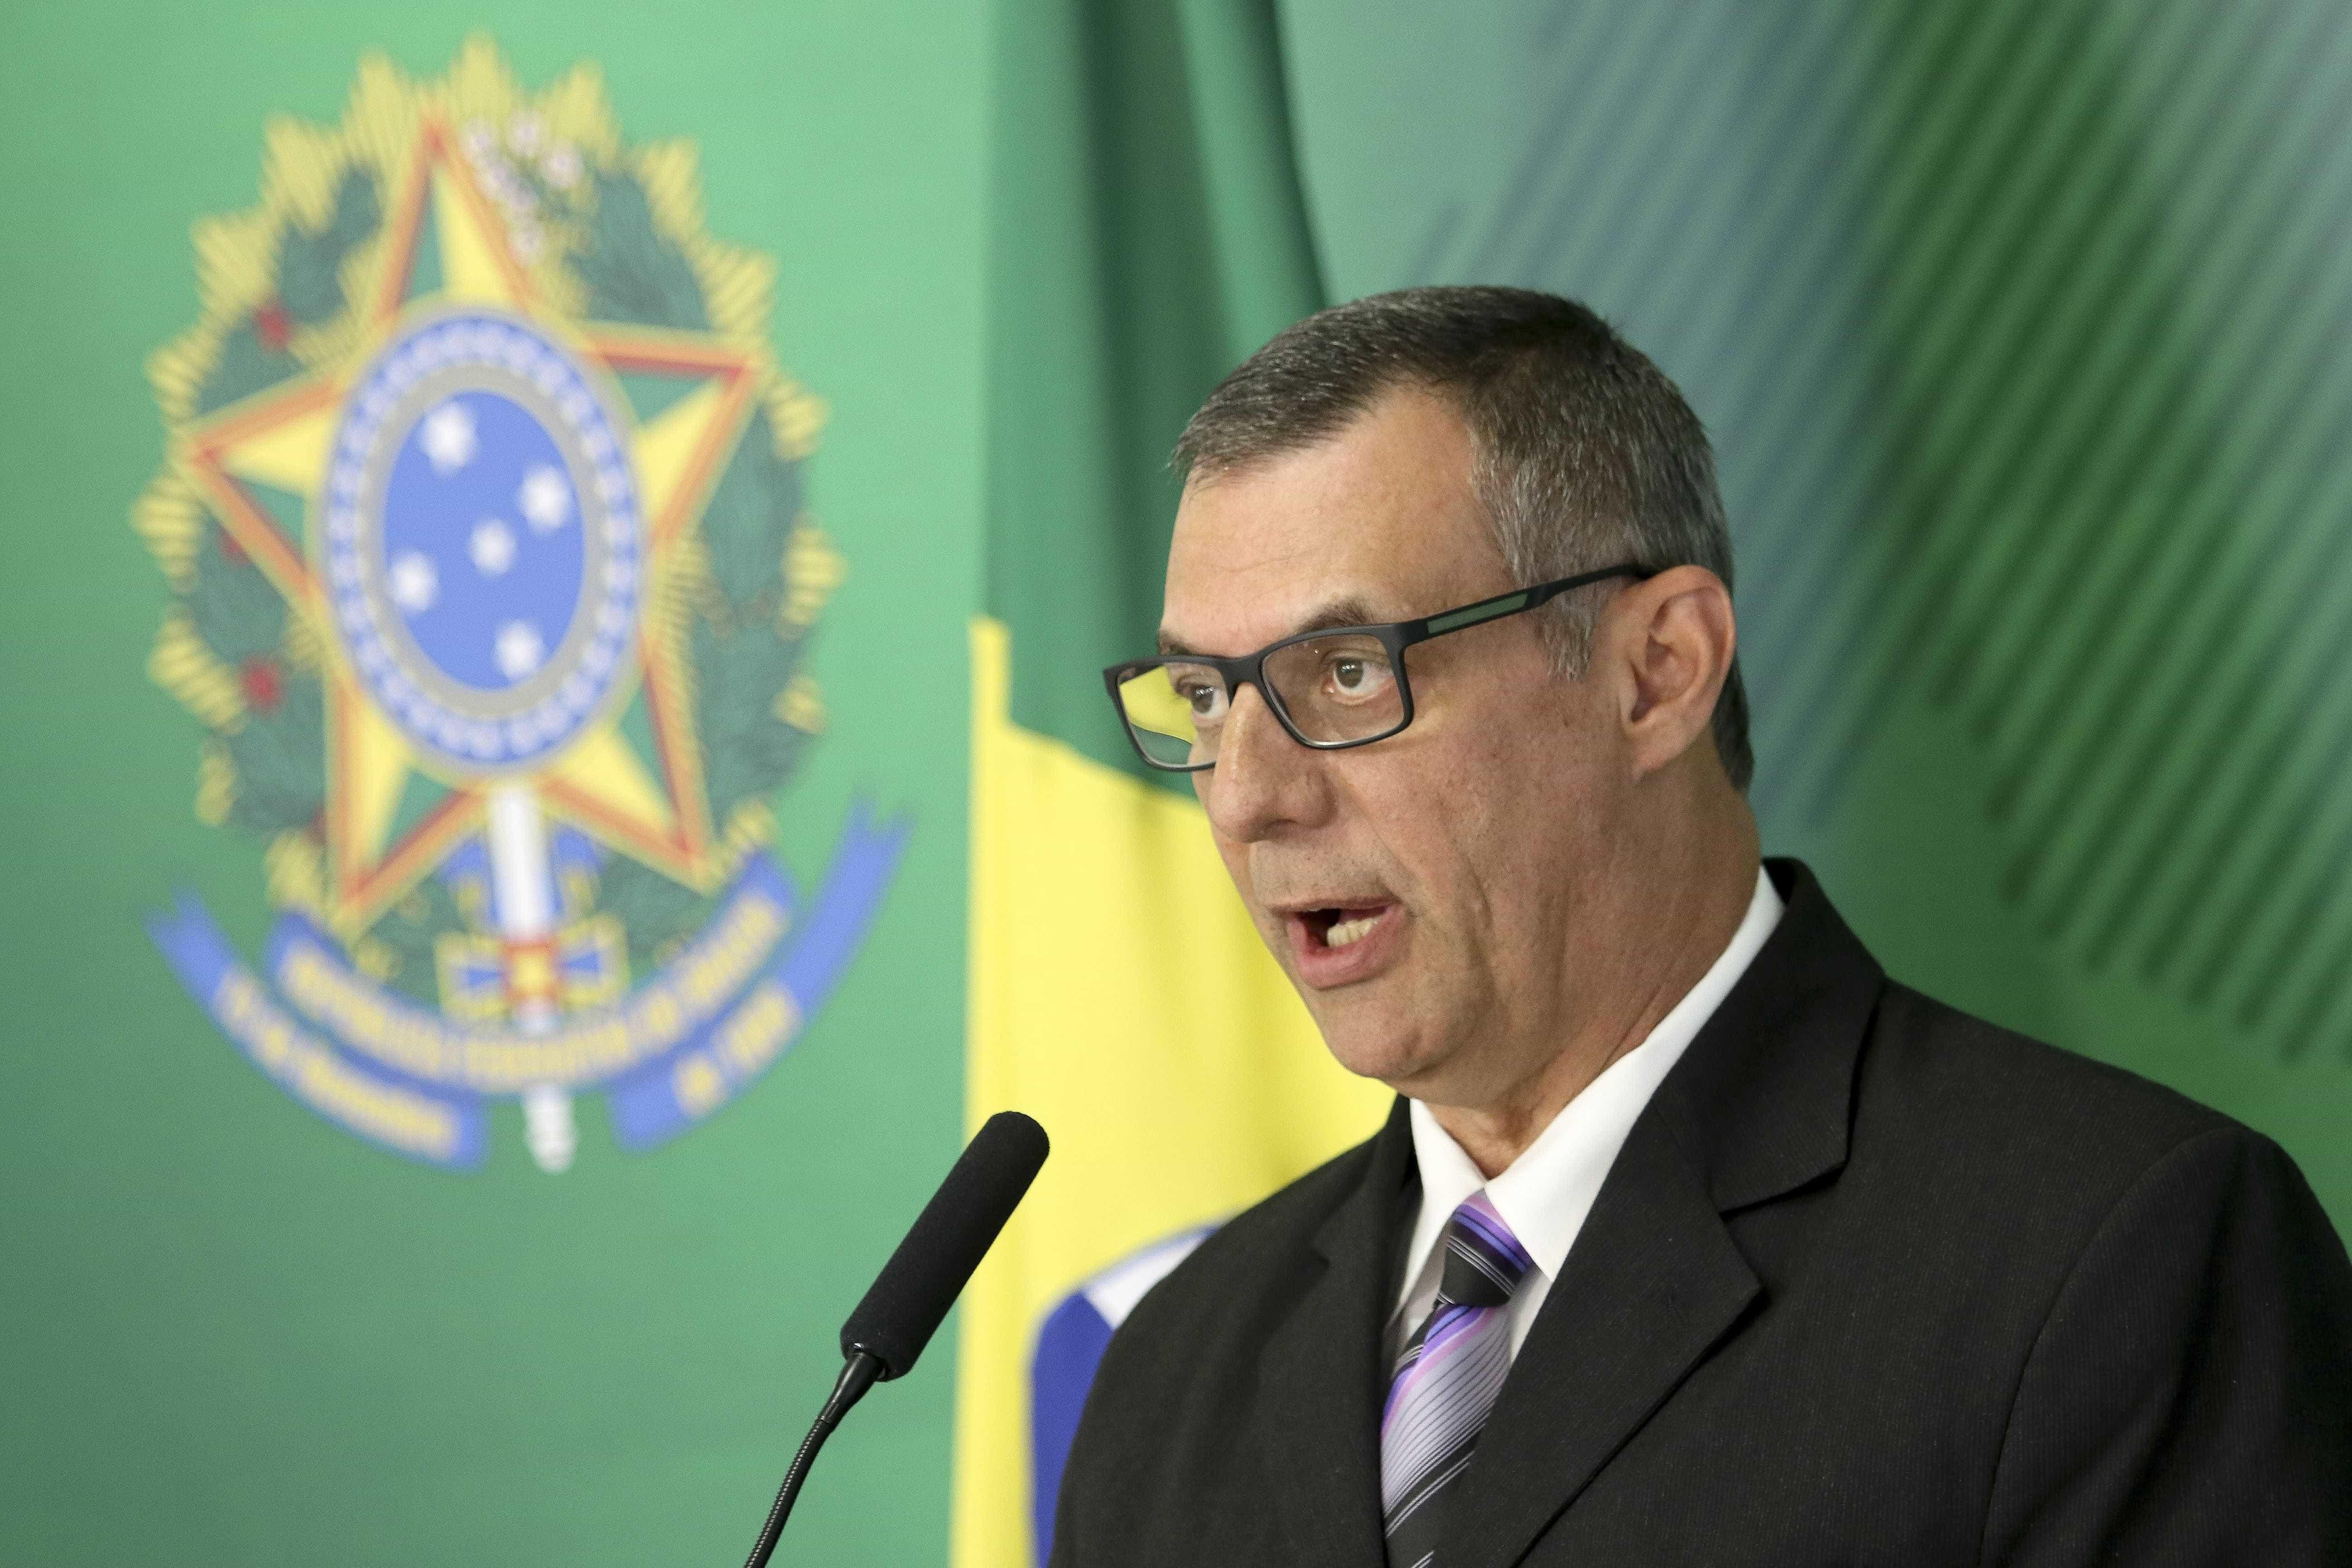 Mesmo com fronteira fechada, Brasil mantém missão de ajuda humanitária